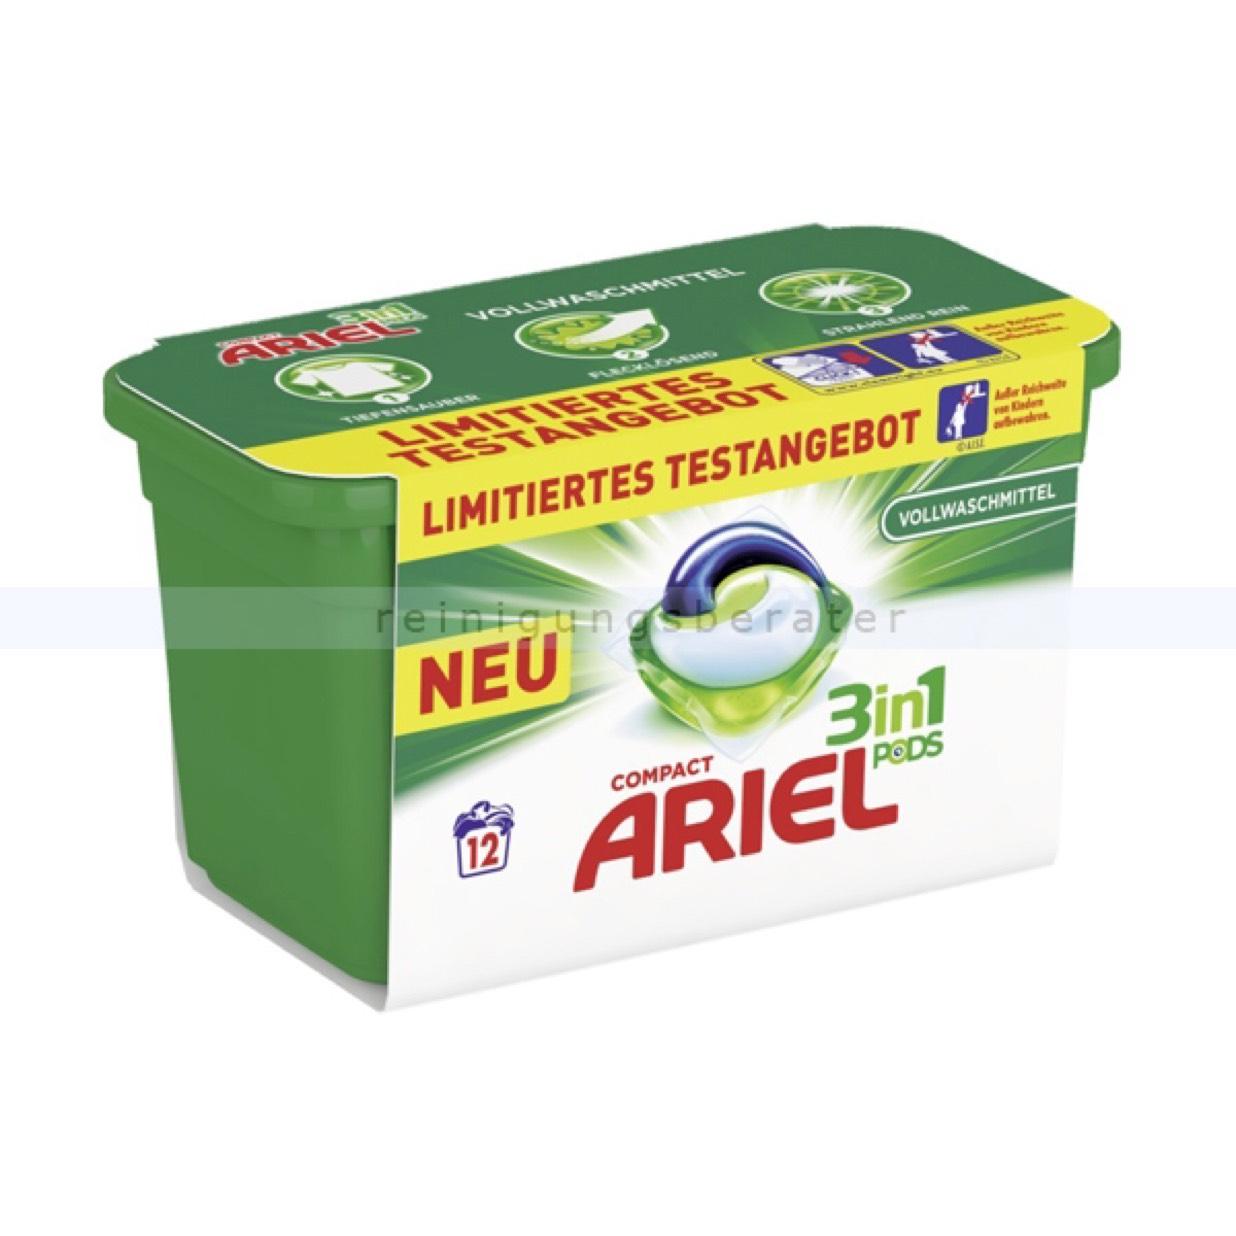 Ariel 3 in 1 pads - Marktguru 0,065€/WG